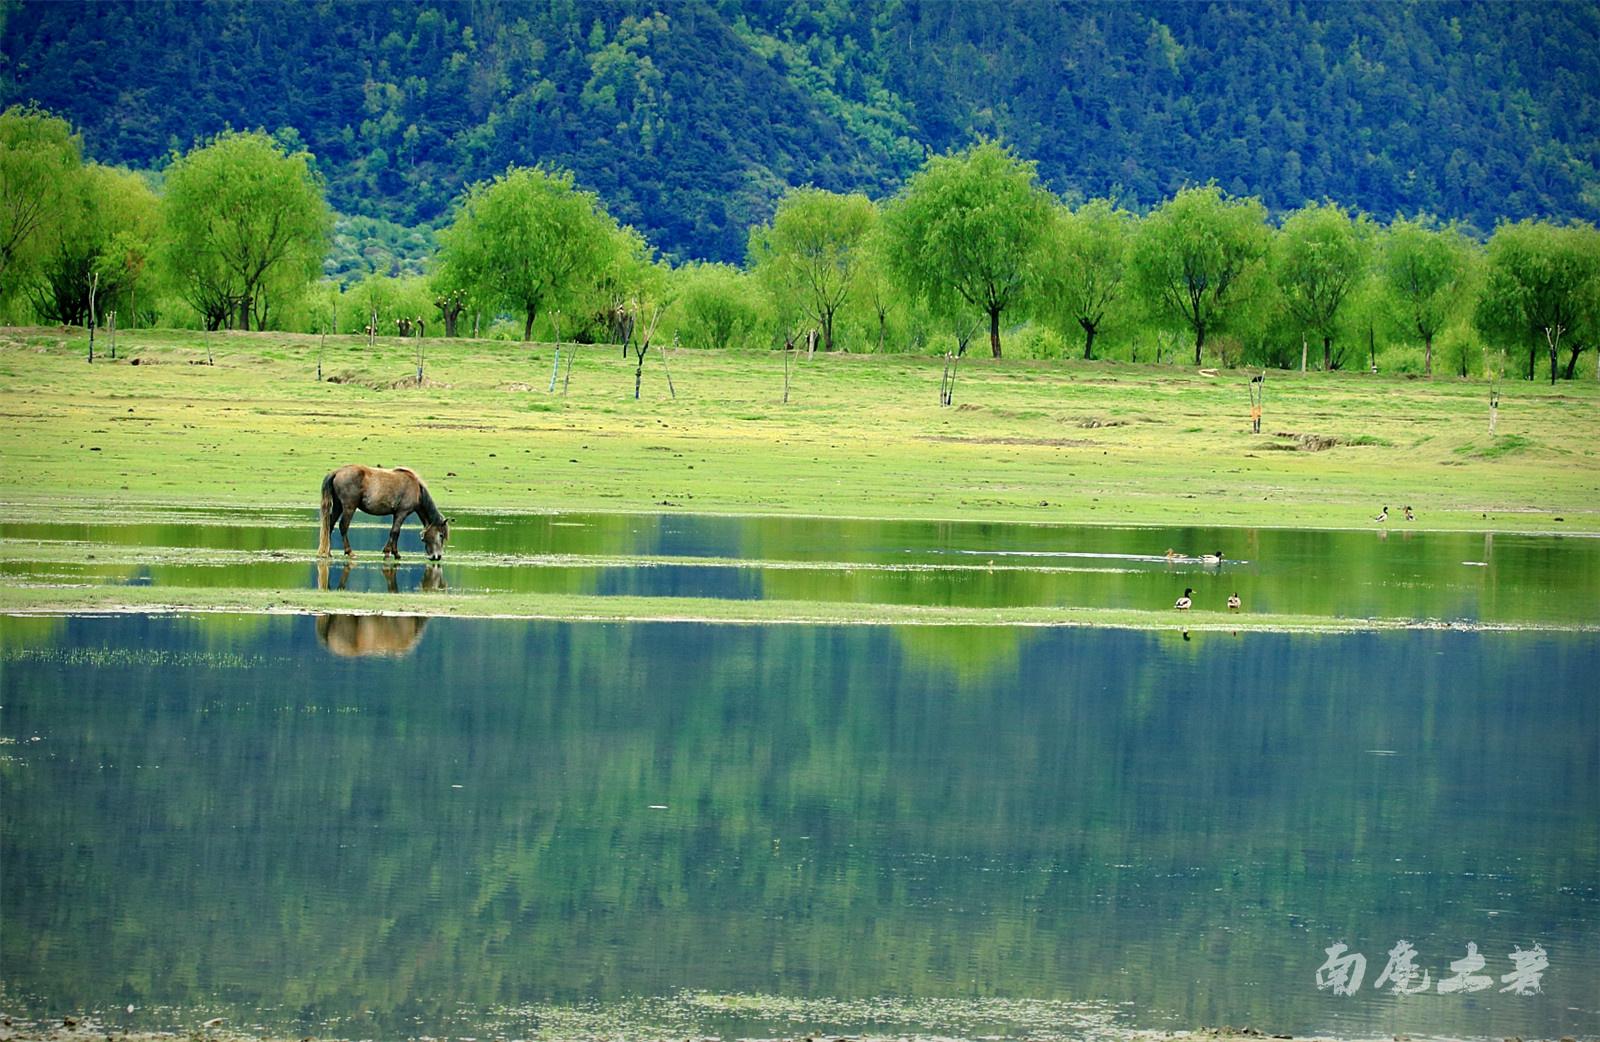 壁纸 风景 山水 摄影 桌面 1600_1042